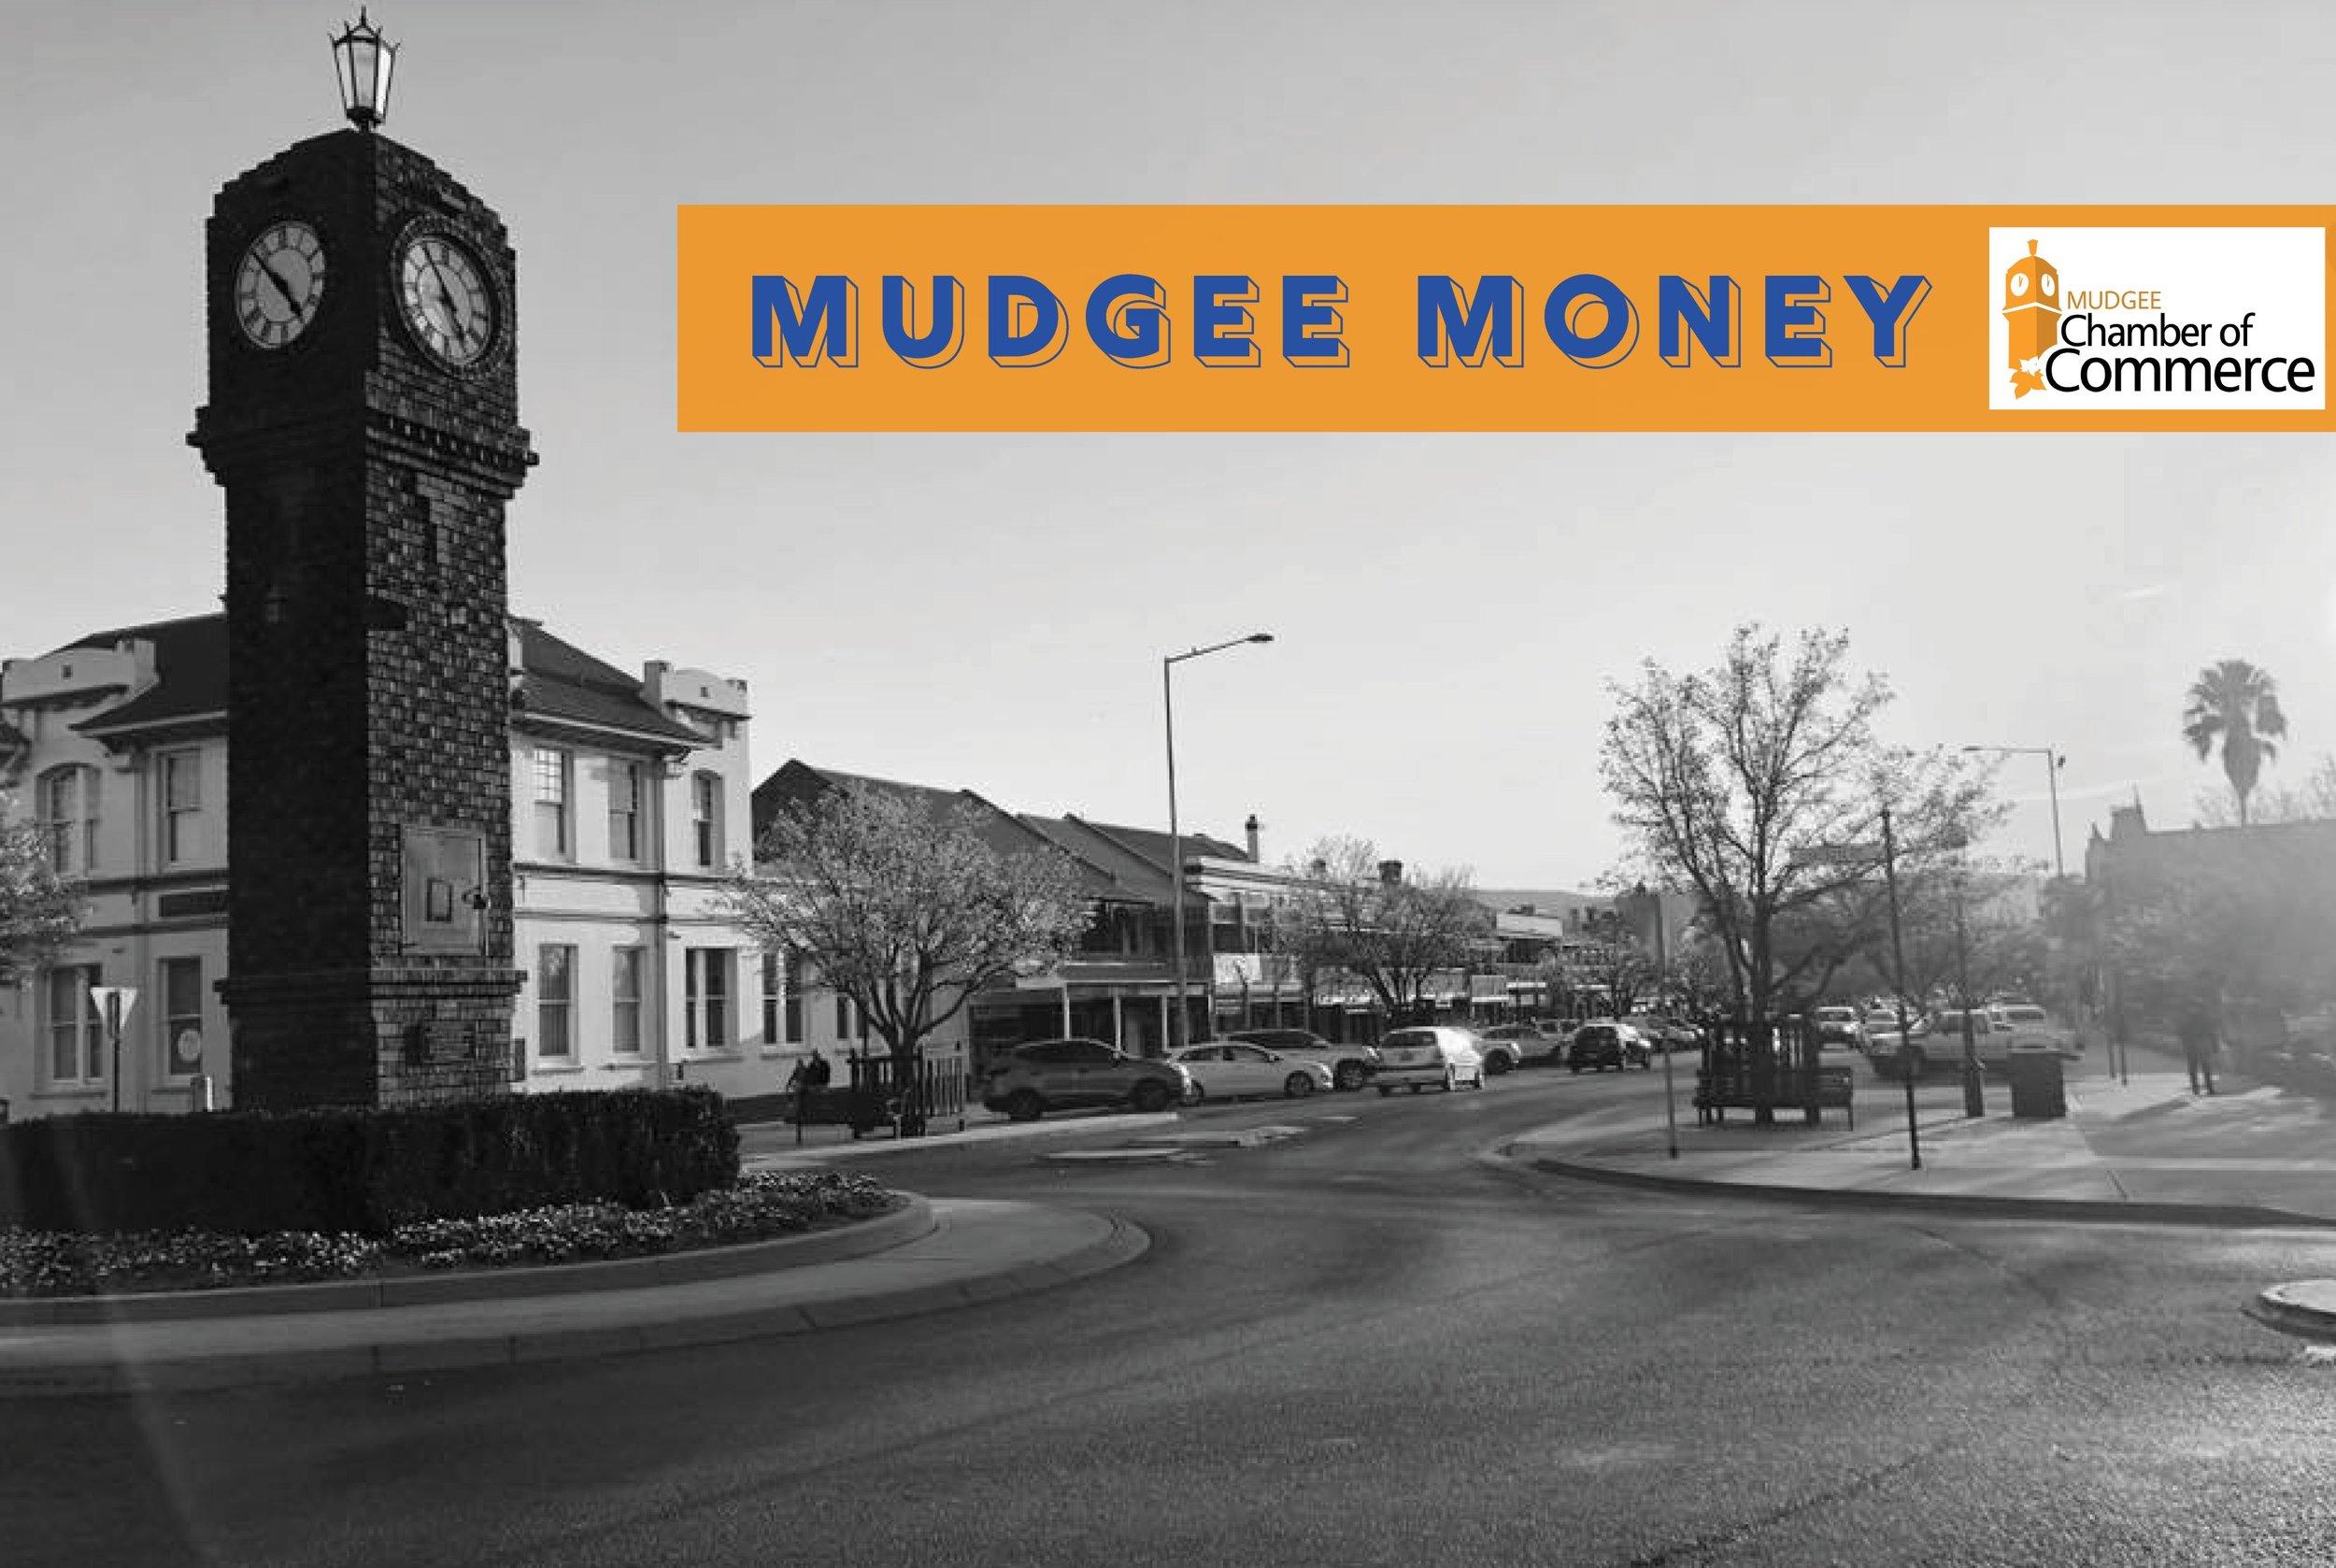 mudgee money.jpg